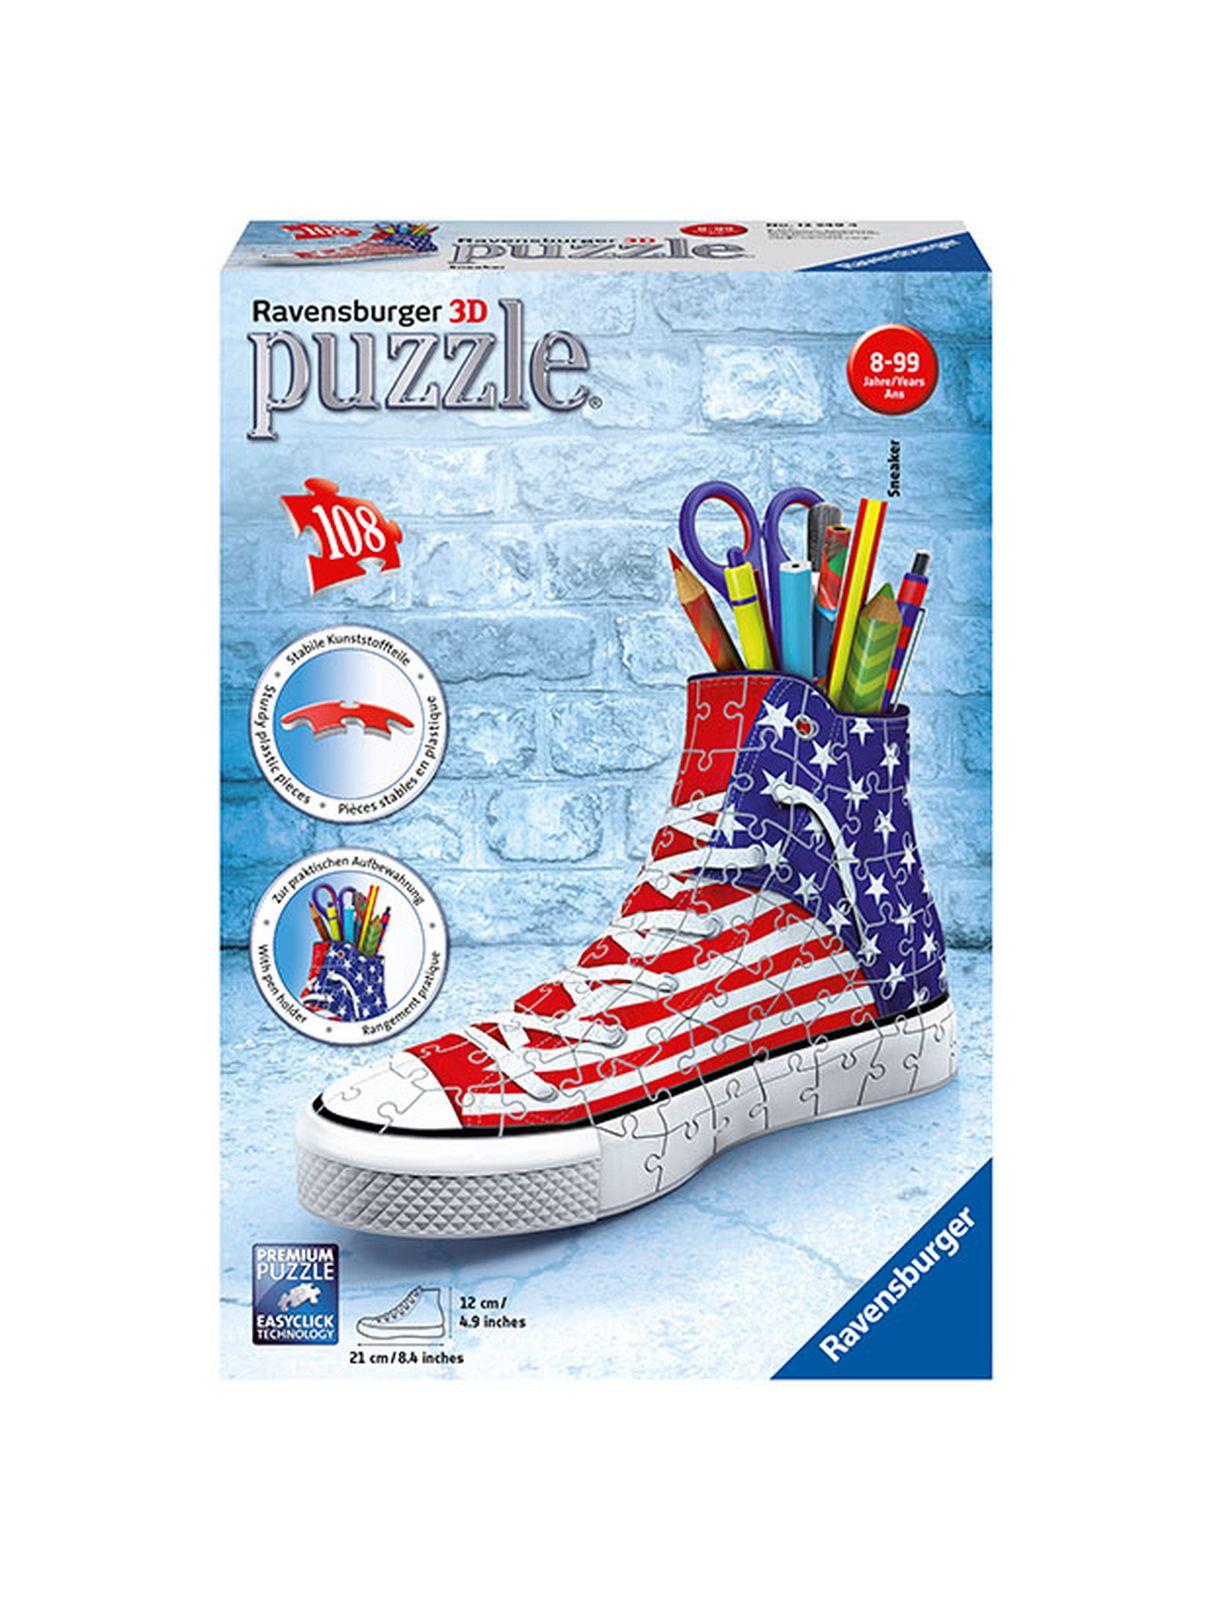 Girly girl 3d: sneaker flag - ravensburger puzzle 3d - toys center - RAVENSBURGER PUZZLE 3D